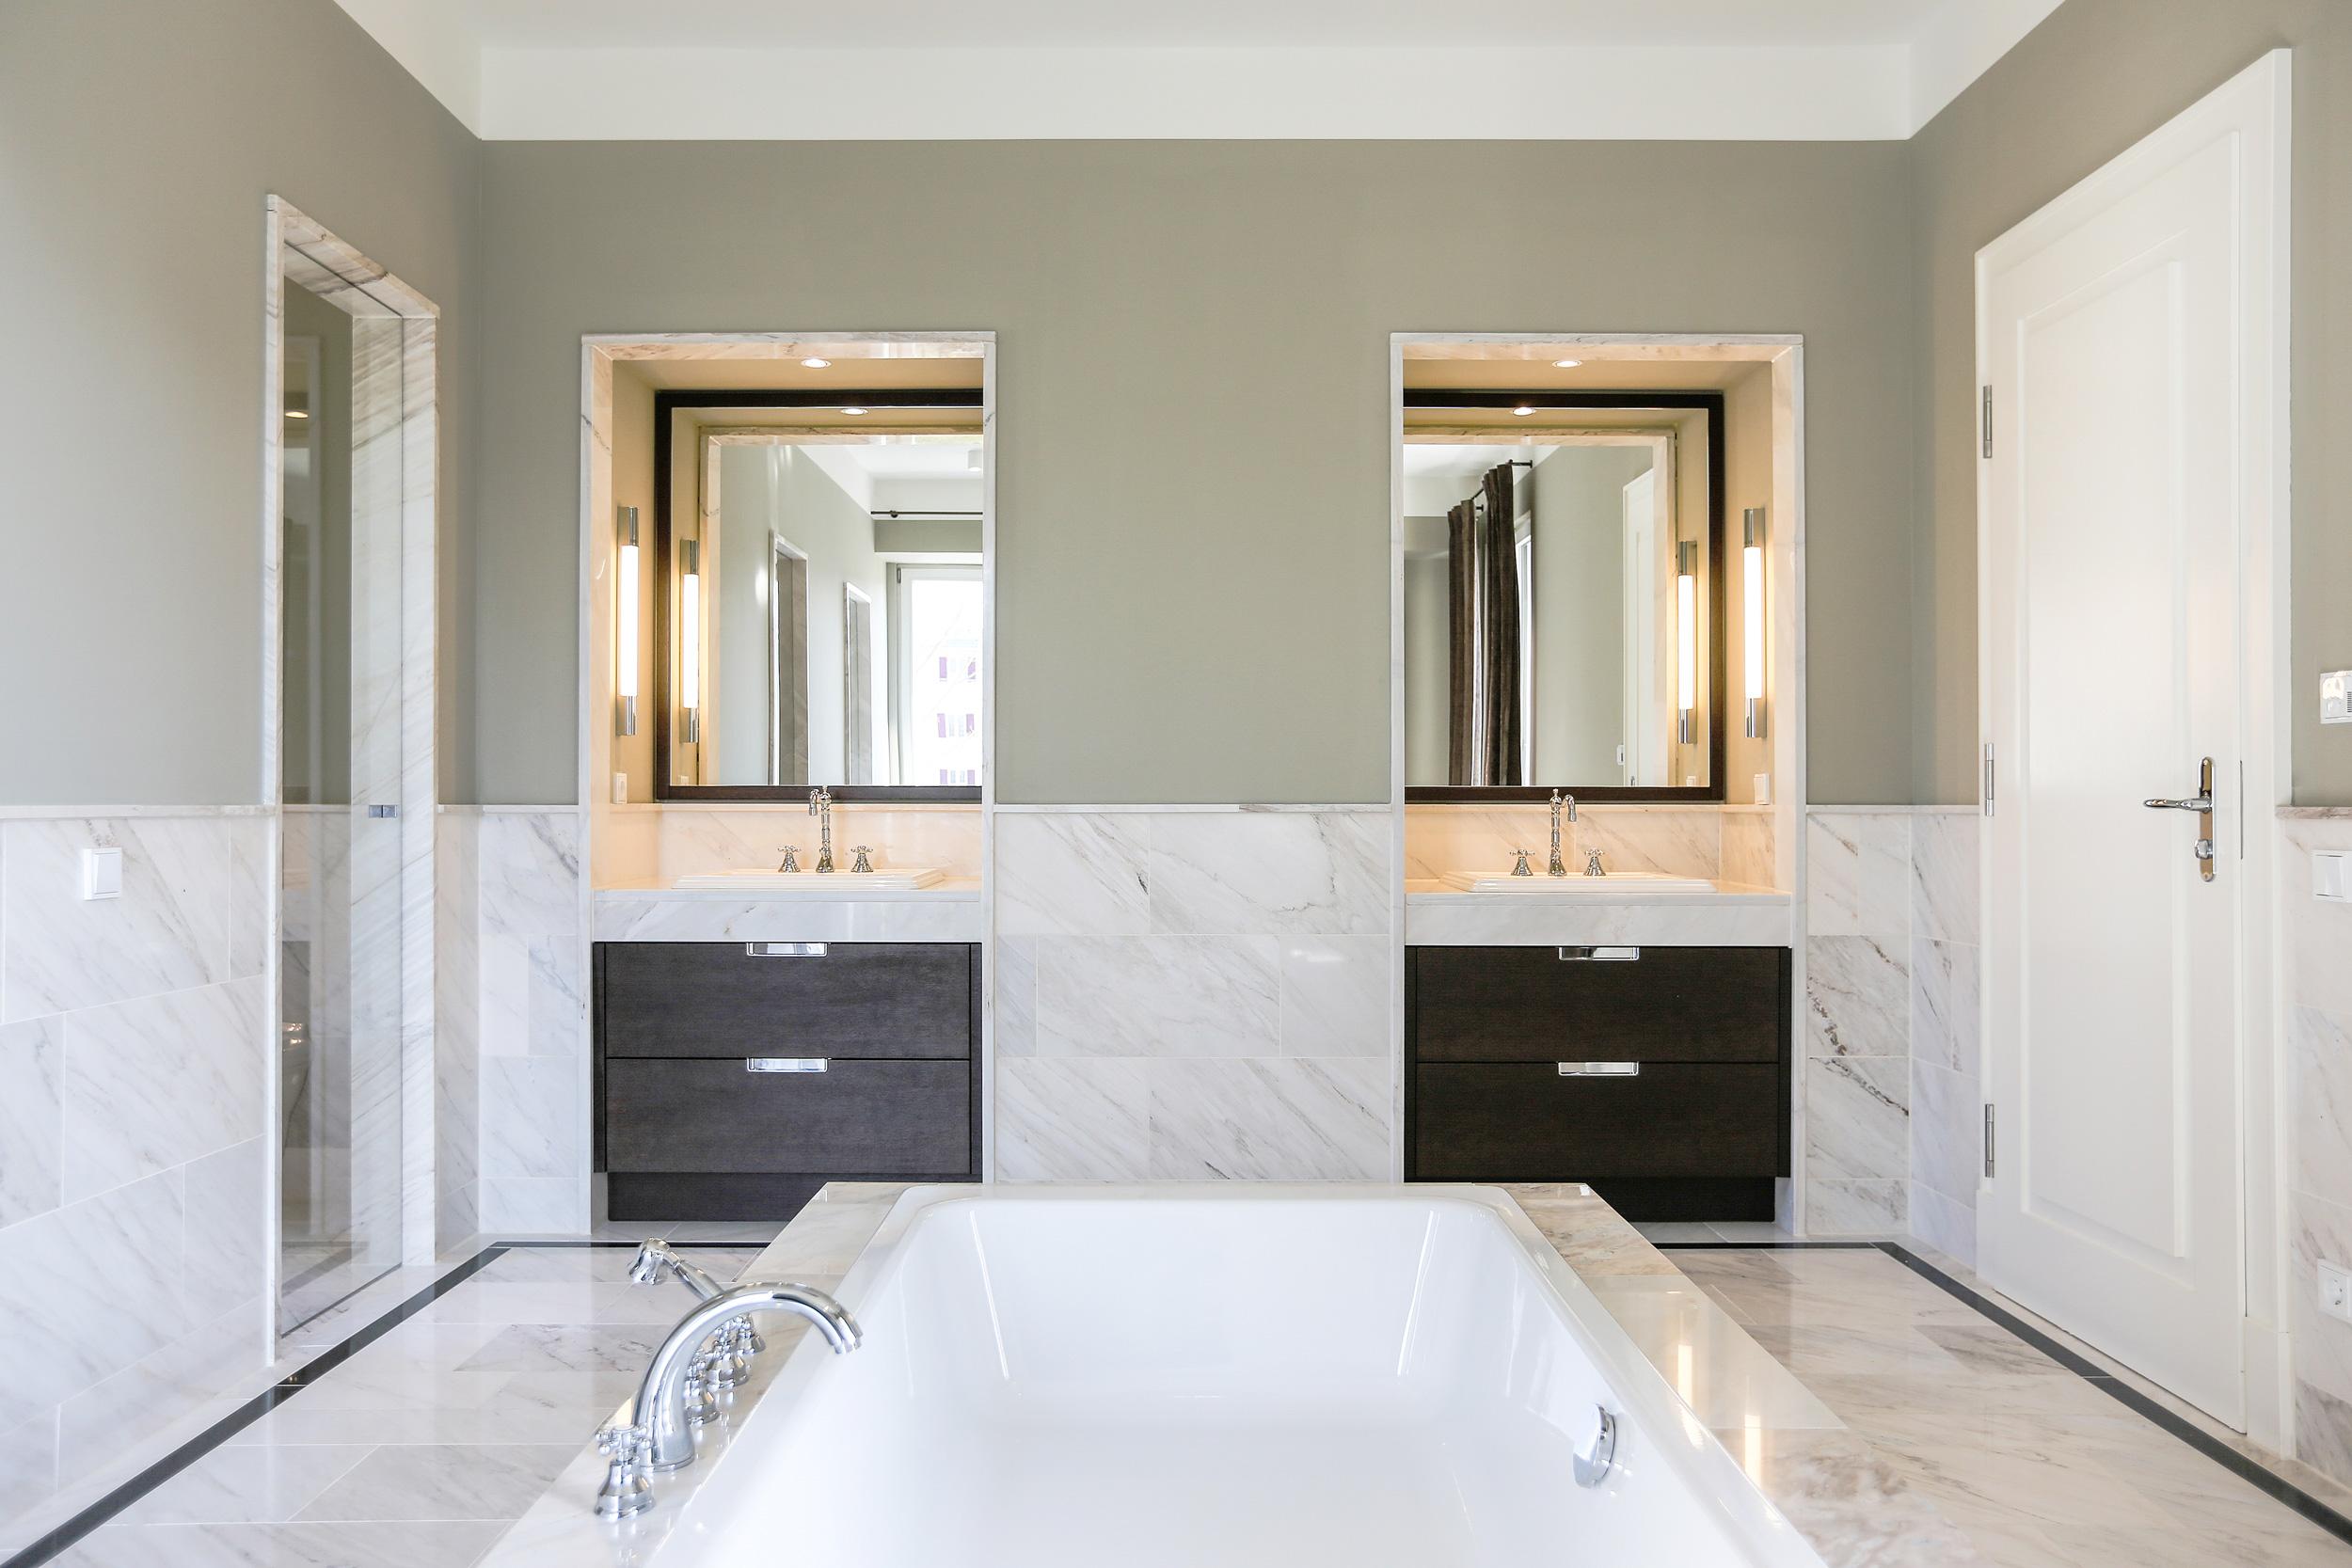 Neubau einer Villa im Klassik-Stil in Potsdam - Im Masterbad wurden in die Wandverkleidungen aus Marmor die Nischen der Waschtische eingearbeitet.